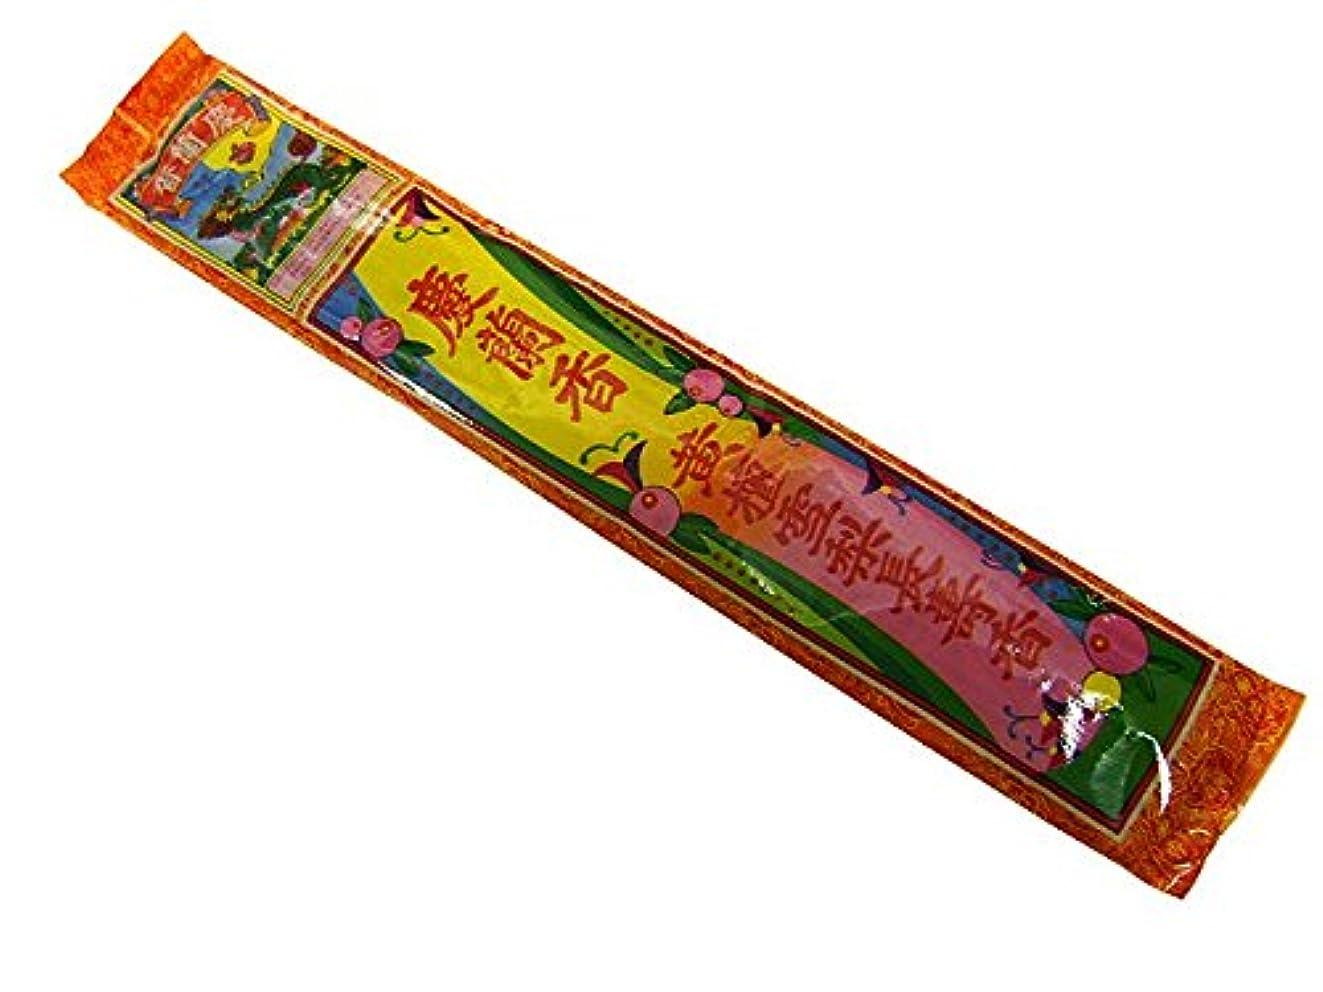 匹敵します神社悲惨な慶蘭香私人有限公司 DM便不可 黄檀雪梨長壽香(35本入り) 慶蘭香私人有限公司 マレーシア香 スティック